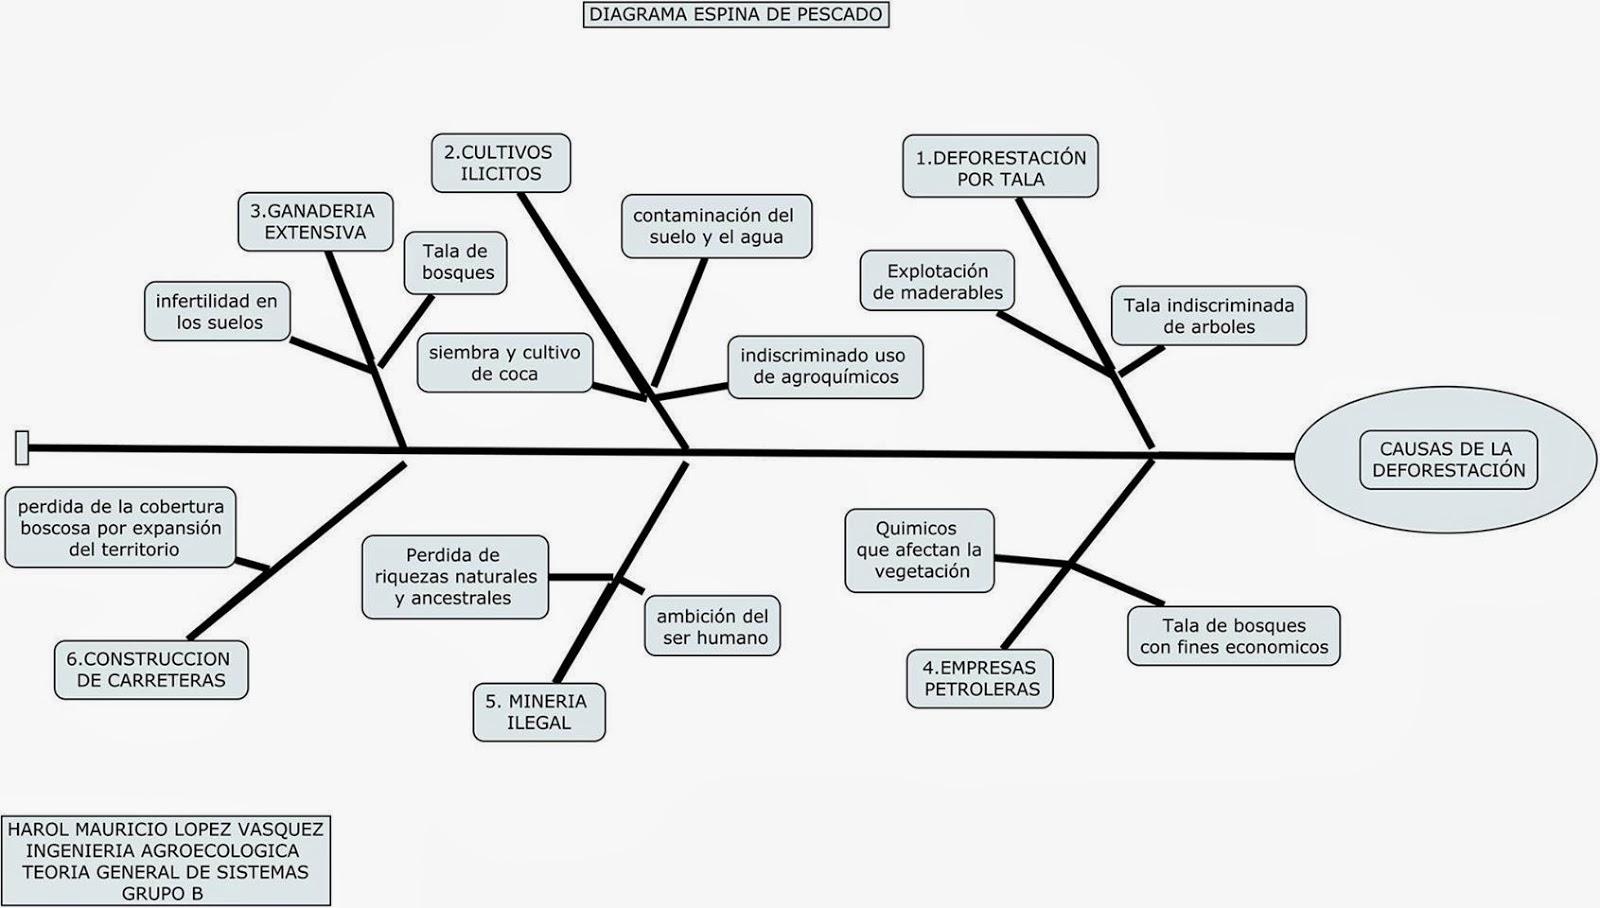 trabajos   diagrama espina de pescado  u0026quot causas de la